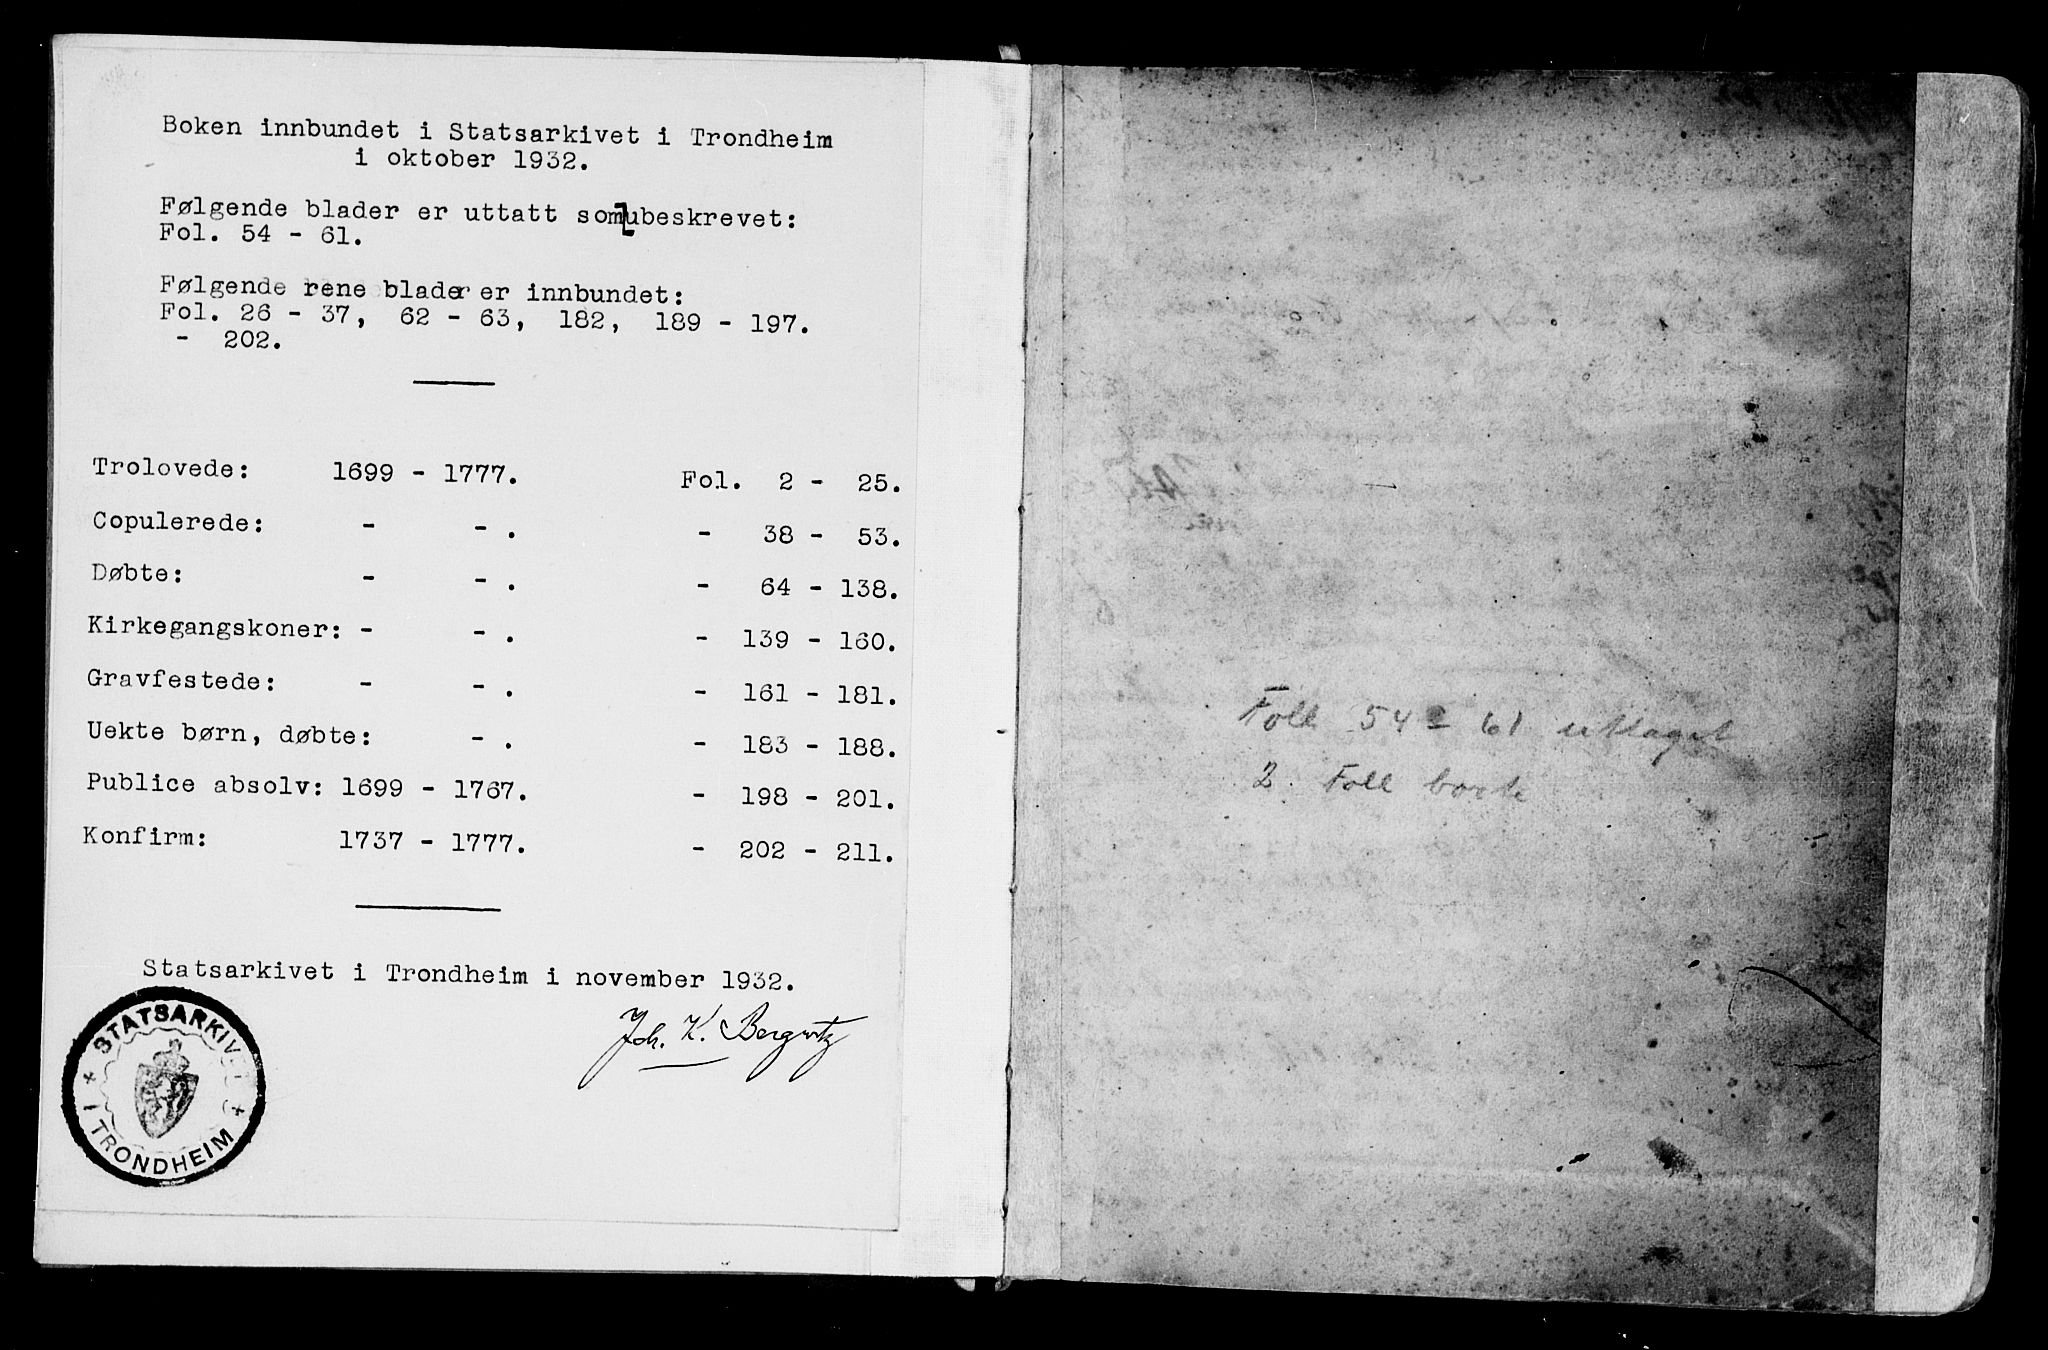 SAT, Ministerialprotokoller, klokkerbøker og fødselsregistre - Møre og Romsdal, 525/L0371: Ministerialbok nr. 525A01, 1699-1777